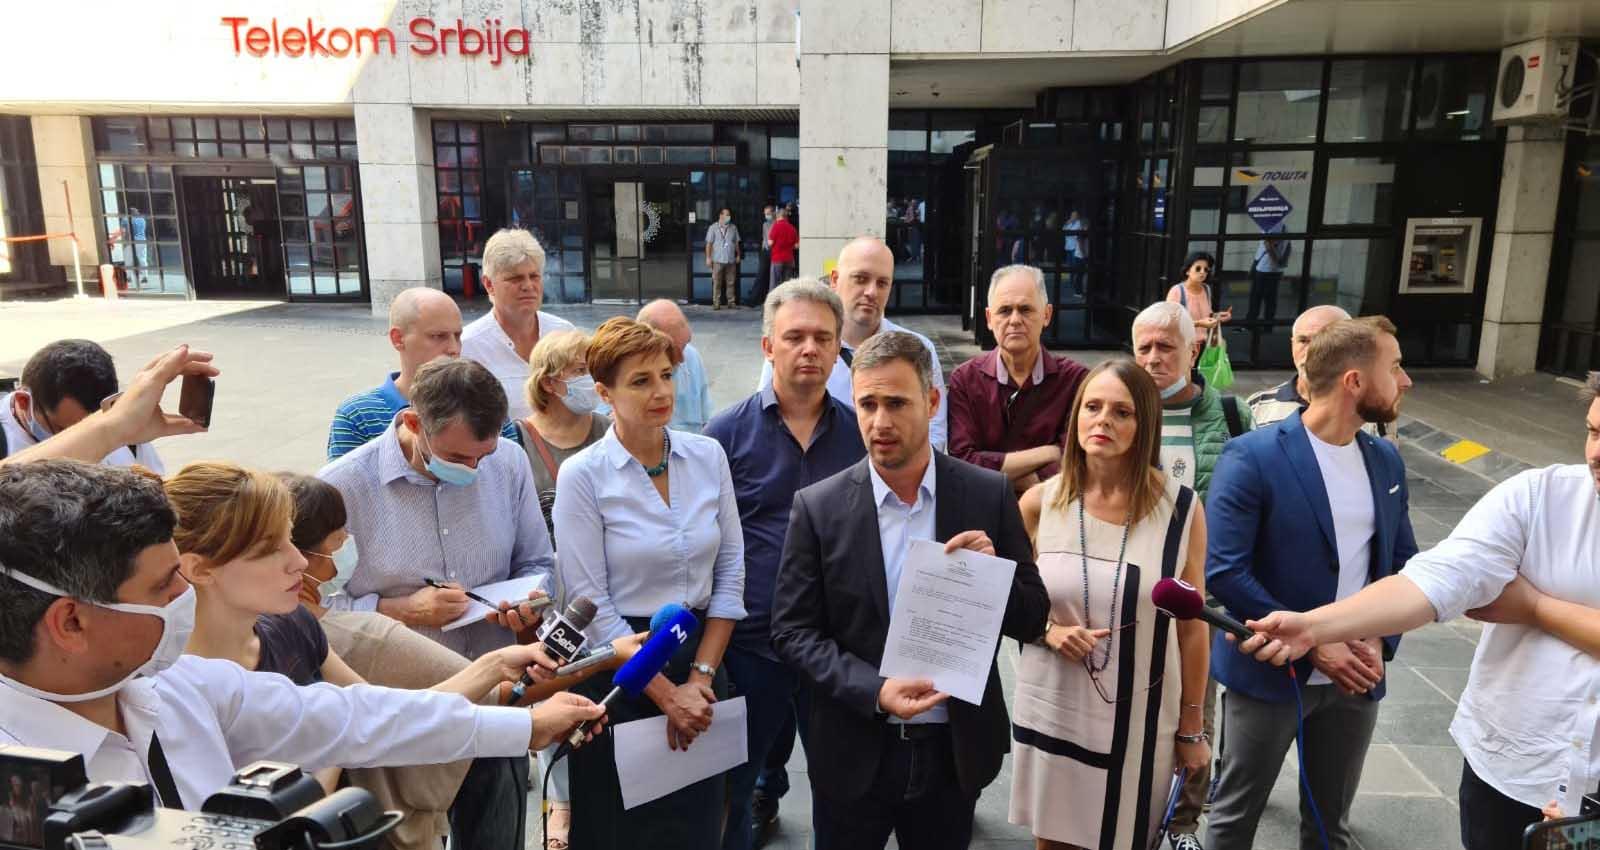 Алексић: Телеком, Влада Србије и ревизор да одговоре на питања, радници да дигну глас